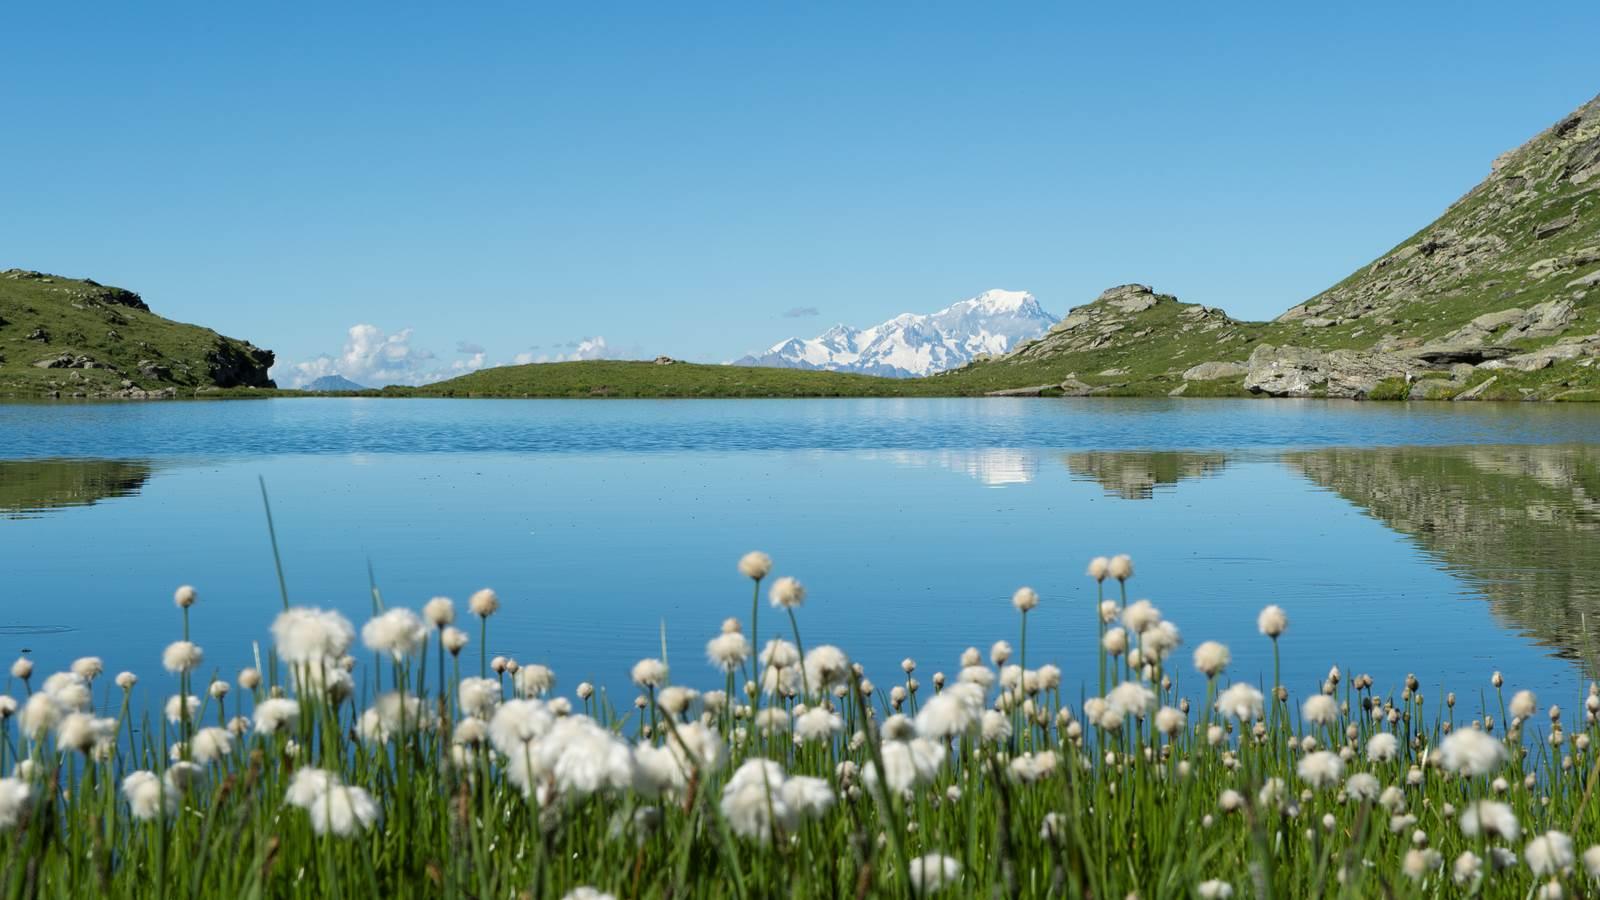 Val Thorens, Les Menuires, Saint-Martin-de-Belleville : l'une des vallées reliées au domaine skiable des 3 vallées